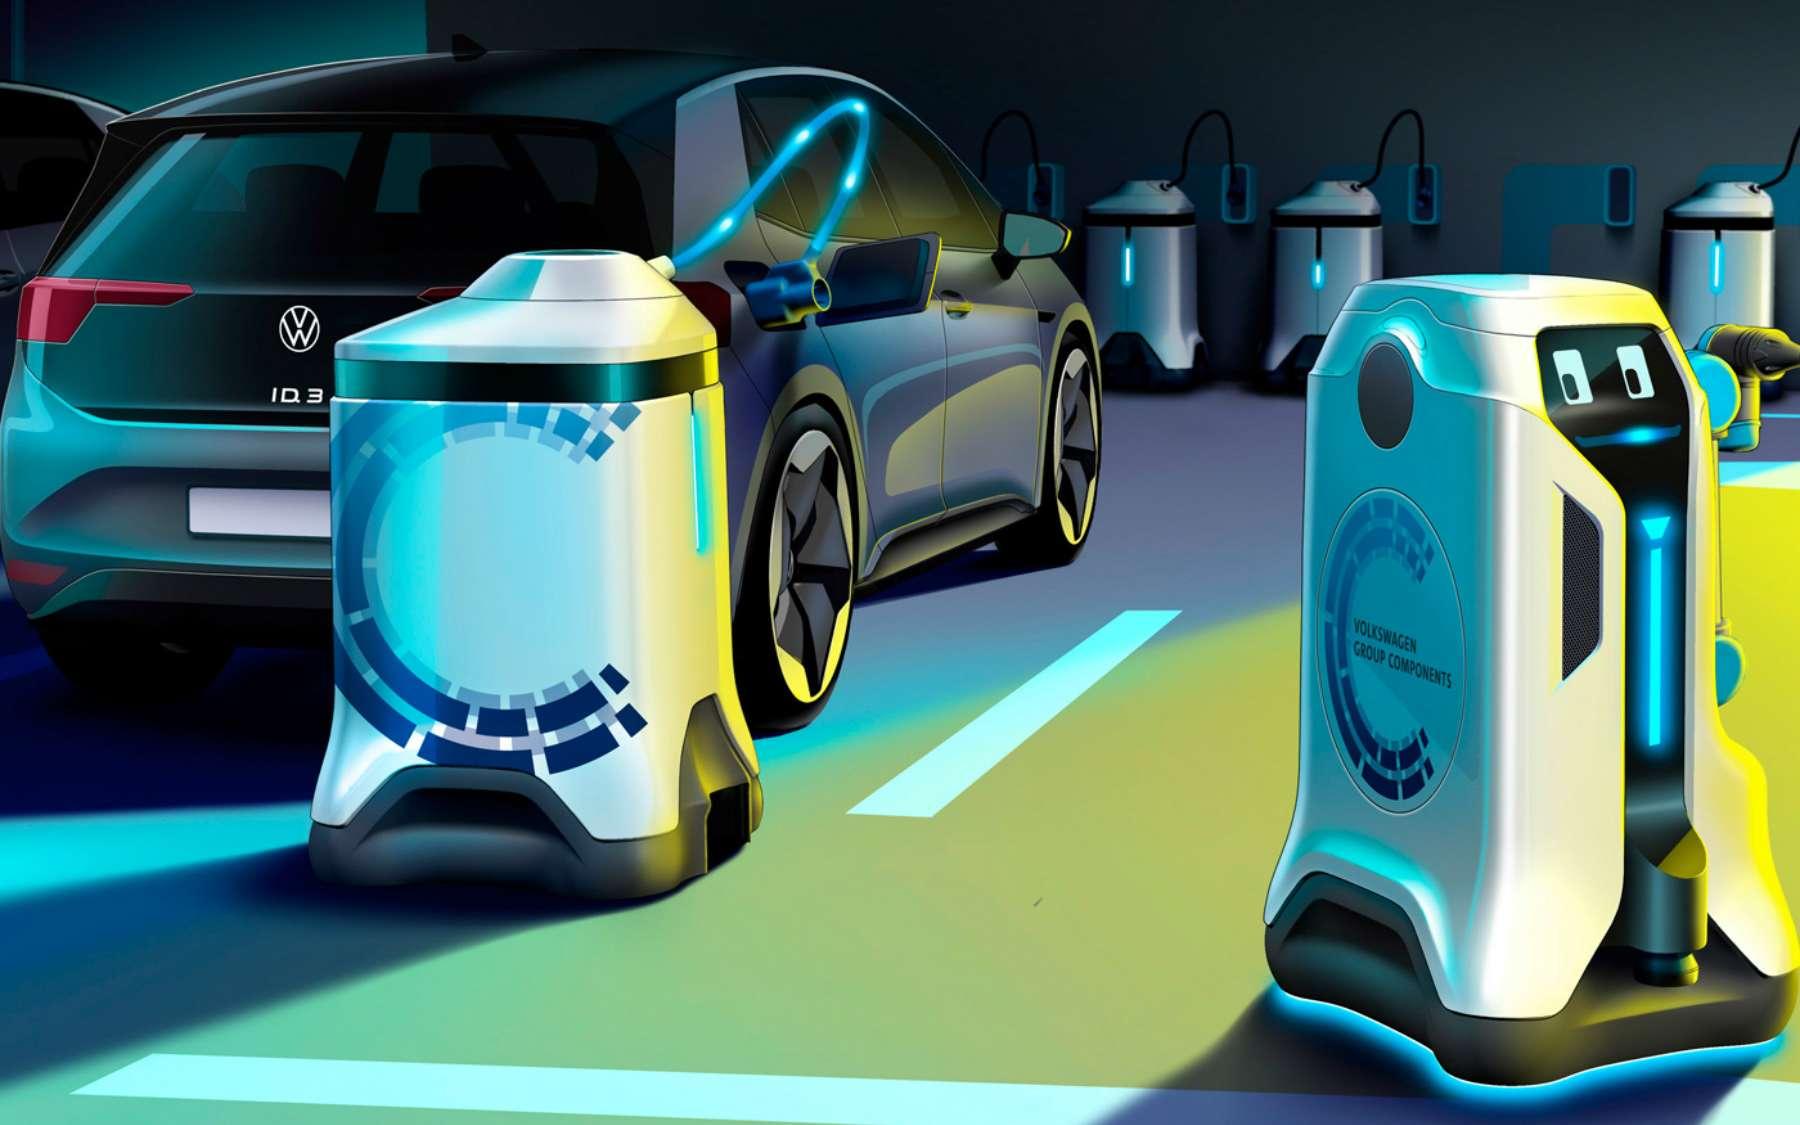 Selon le constructeur automobile Volkswagen, des robots autonomes pourront transformer n'importe quel parking en station de recharge pour véhicule électrique. © Volkswagen